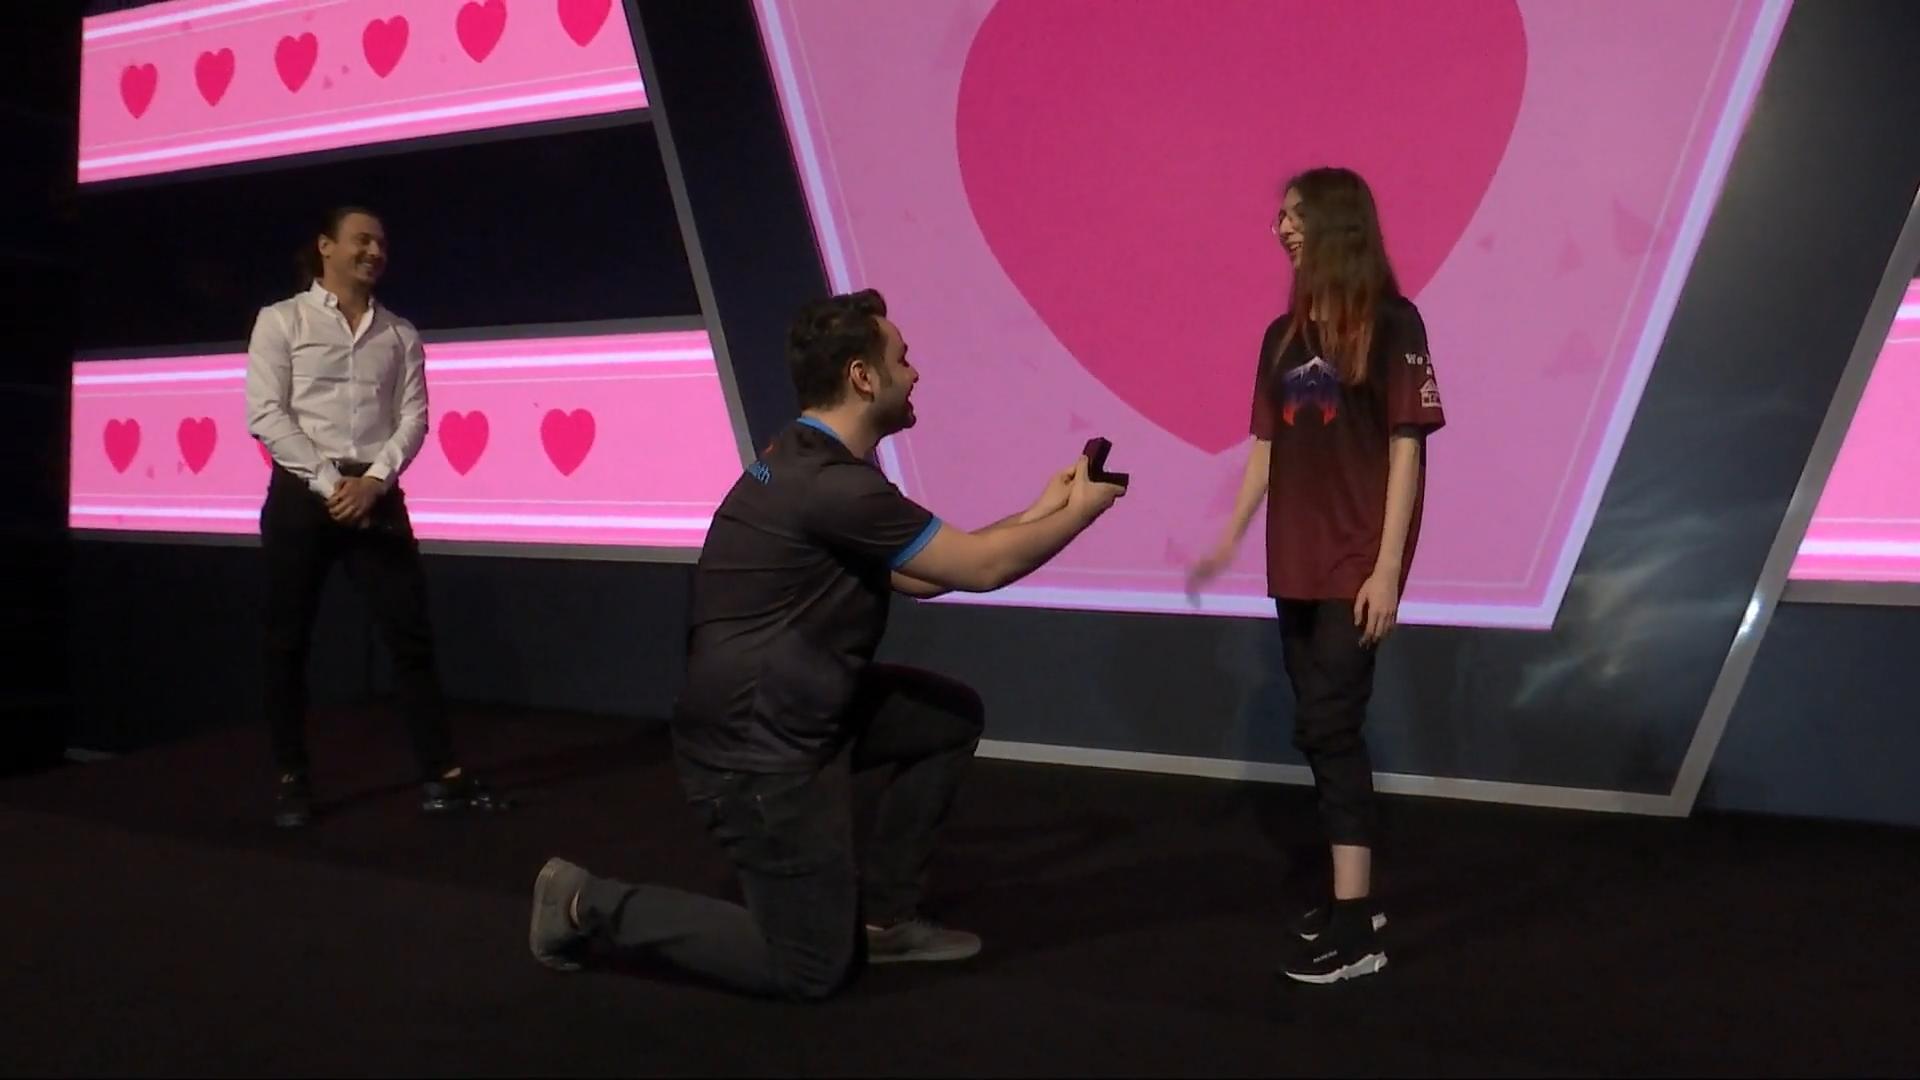 VIDEO: PUBG-ammattilainen kosi tyttöystäväänsä turnauksen lavalla